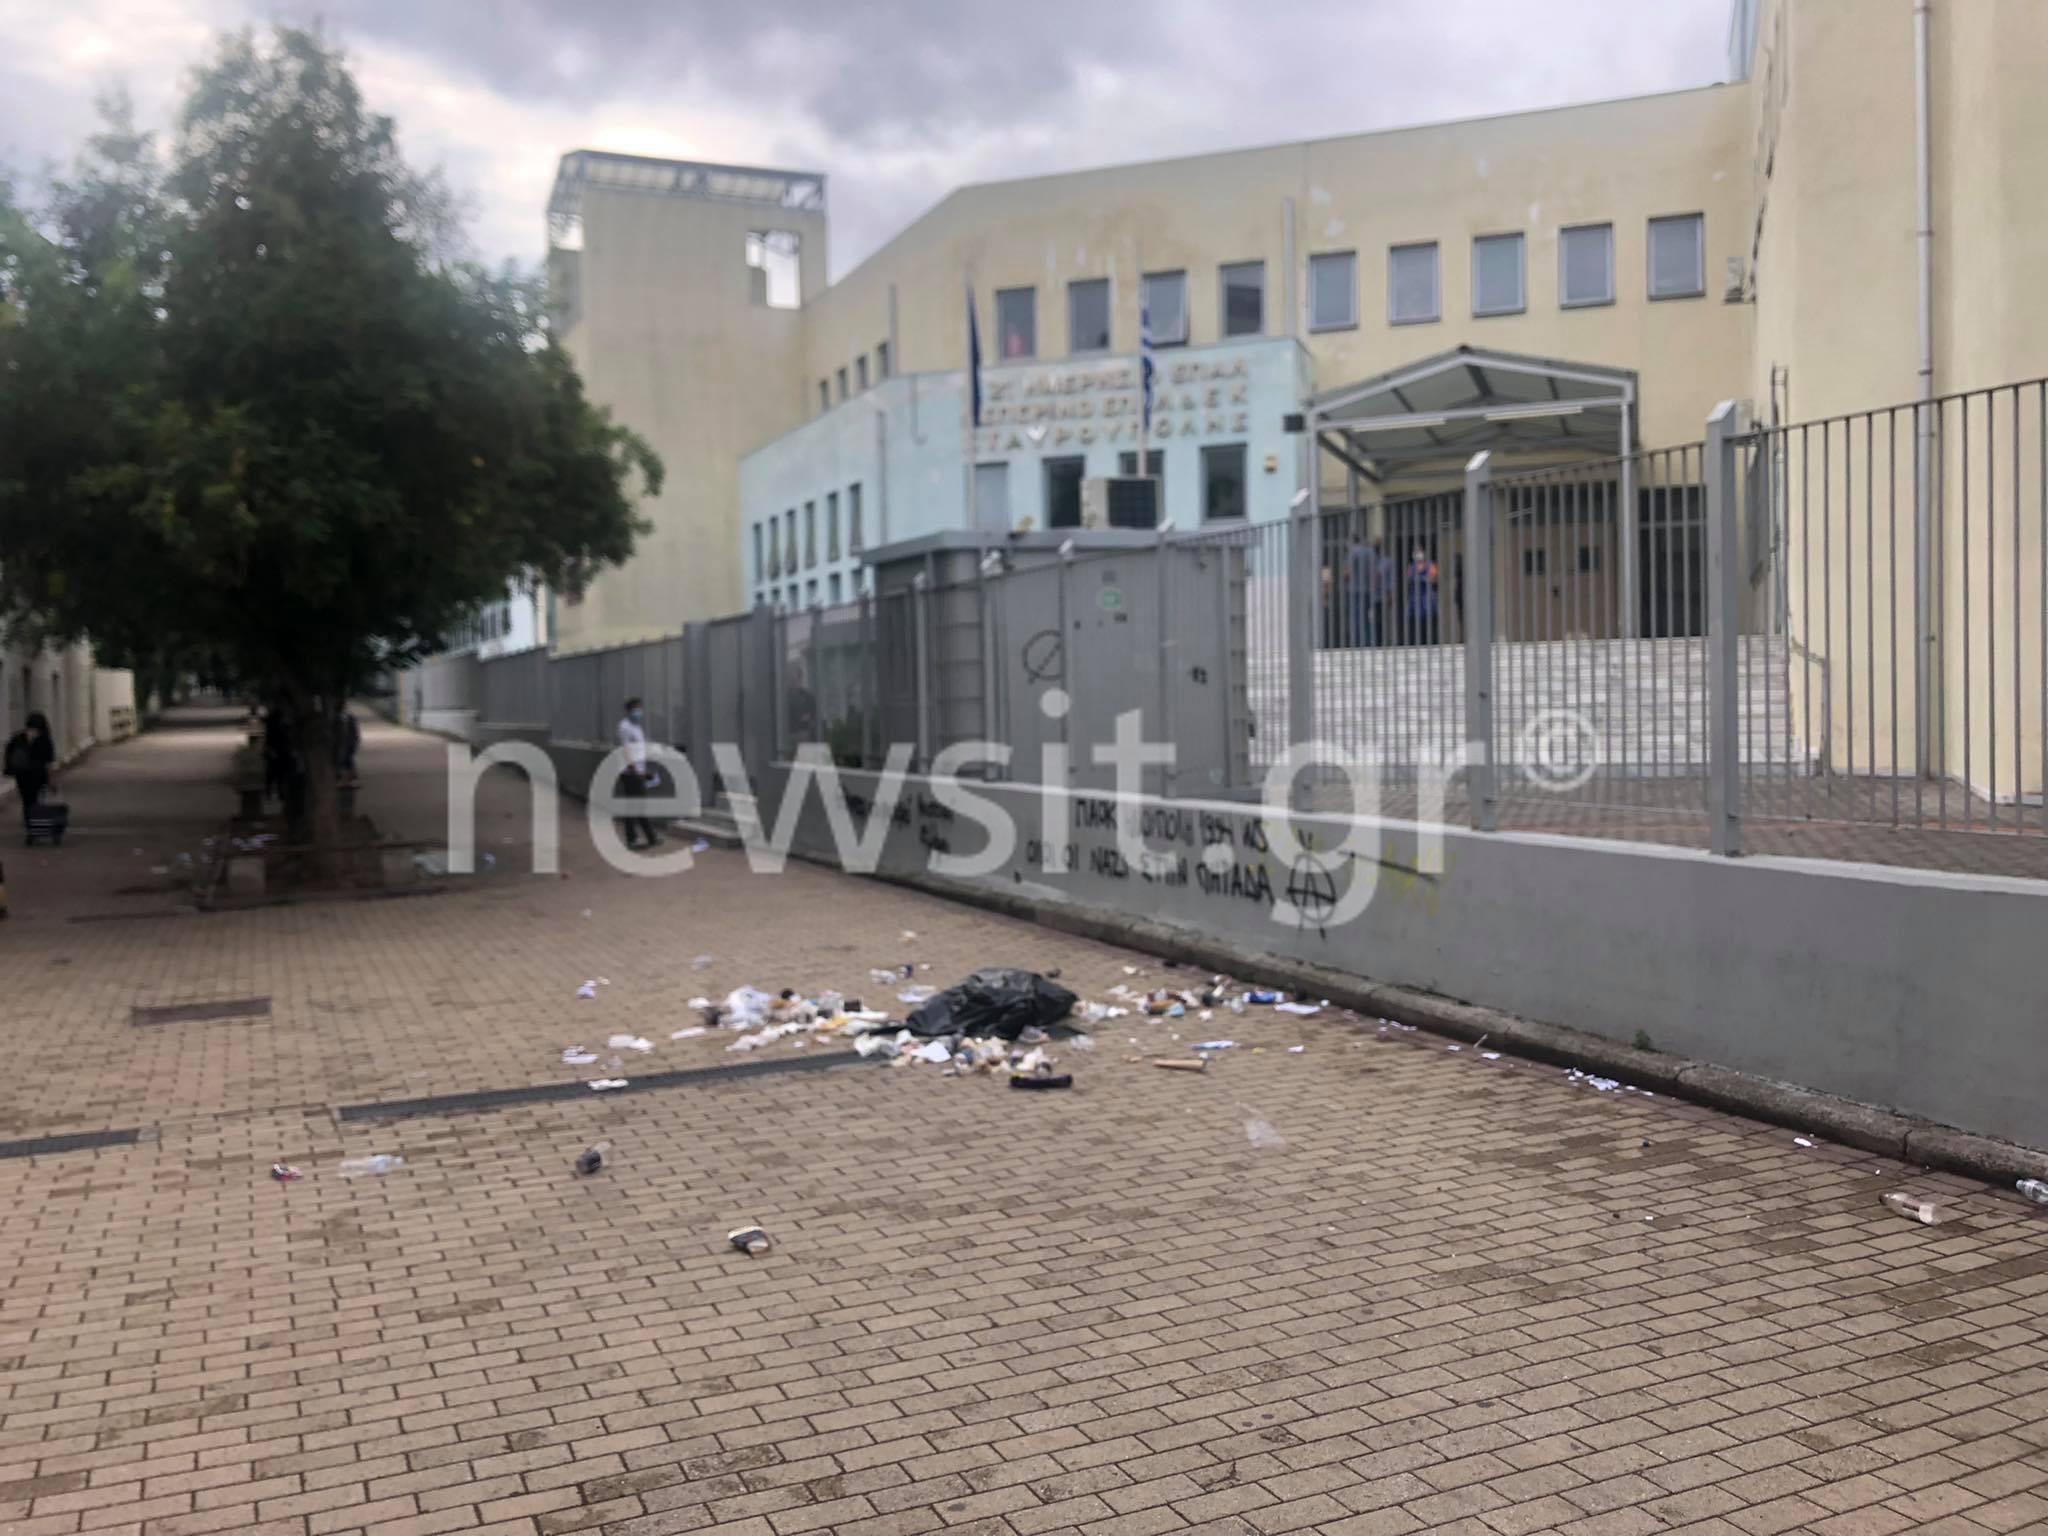 Θεσσαλονίκη – ΕΠΑΛ Σταυρούπολης: Νέα επεισόδια! Επίθεση κουκουλοφόρων μέσα από το σχολείο με μολότοφ